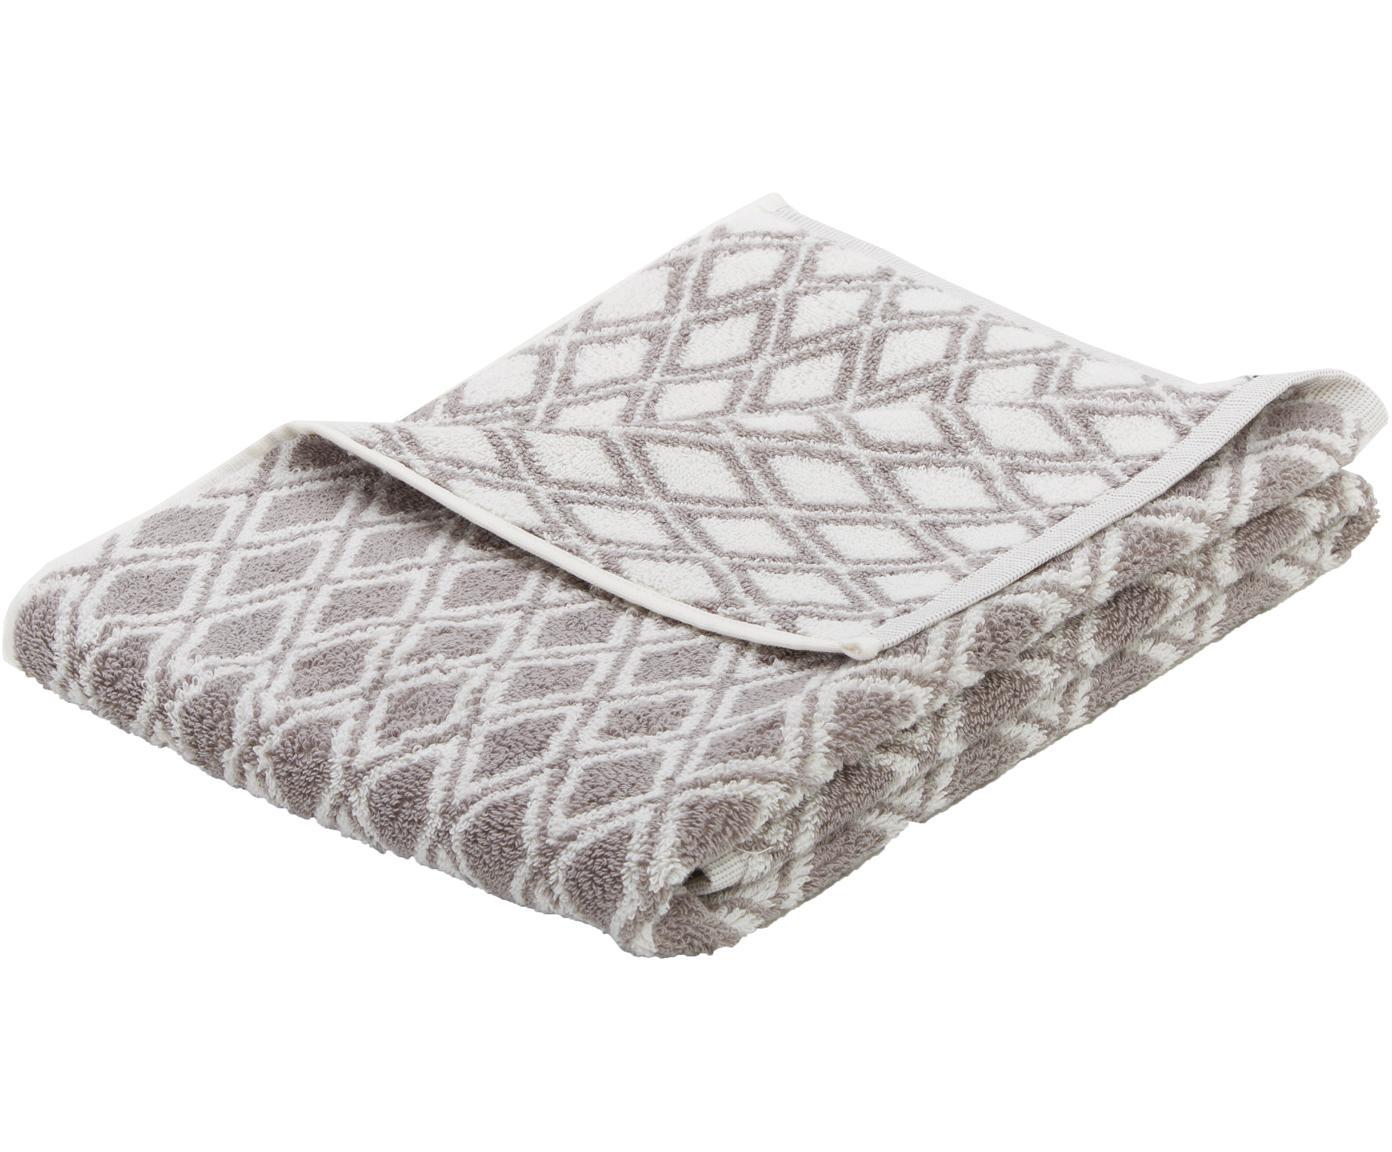 Wende-Handtuch Ava mit grafischem Muster, Taupe, Cremeweiss, Handtuch